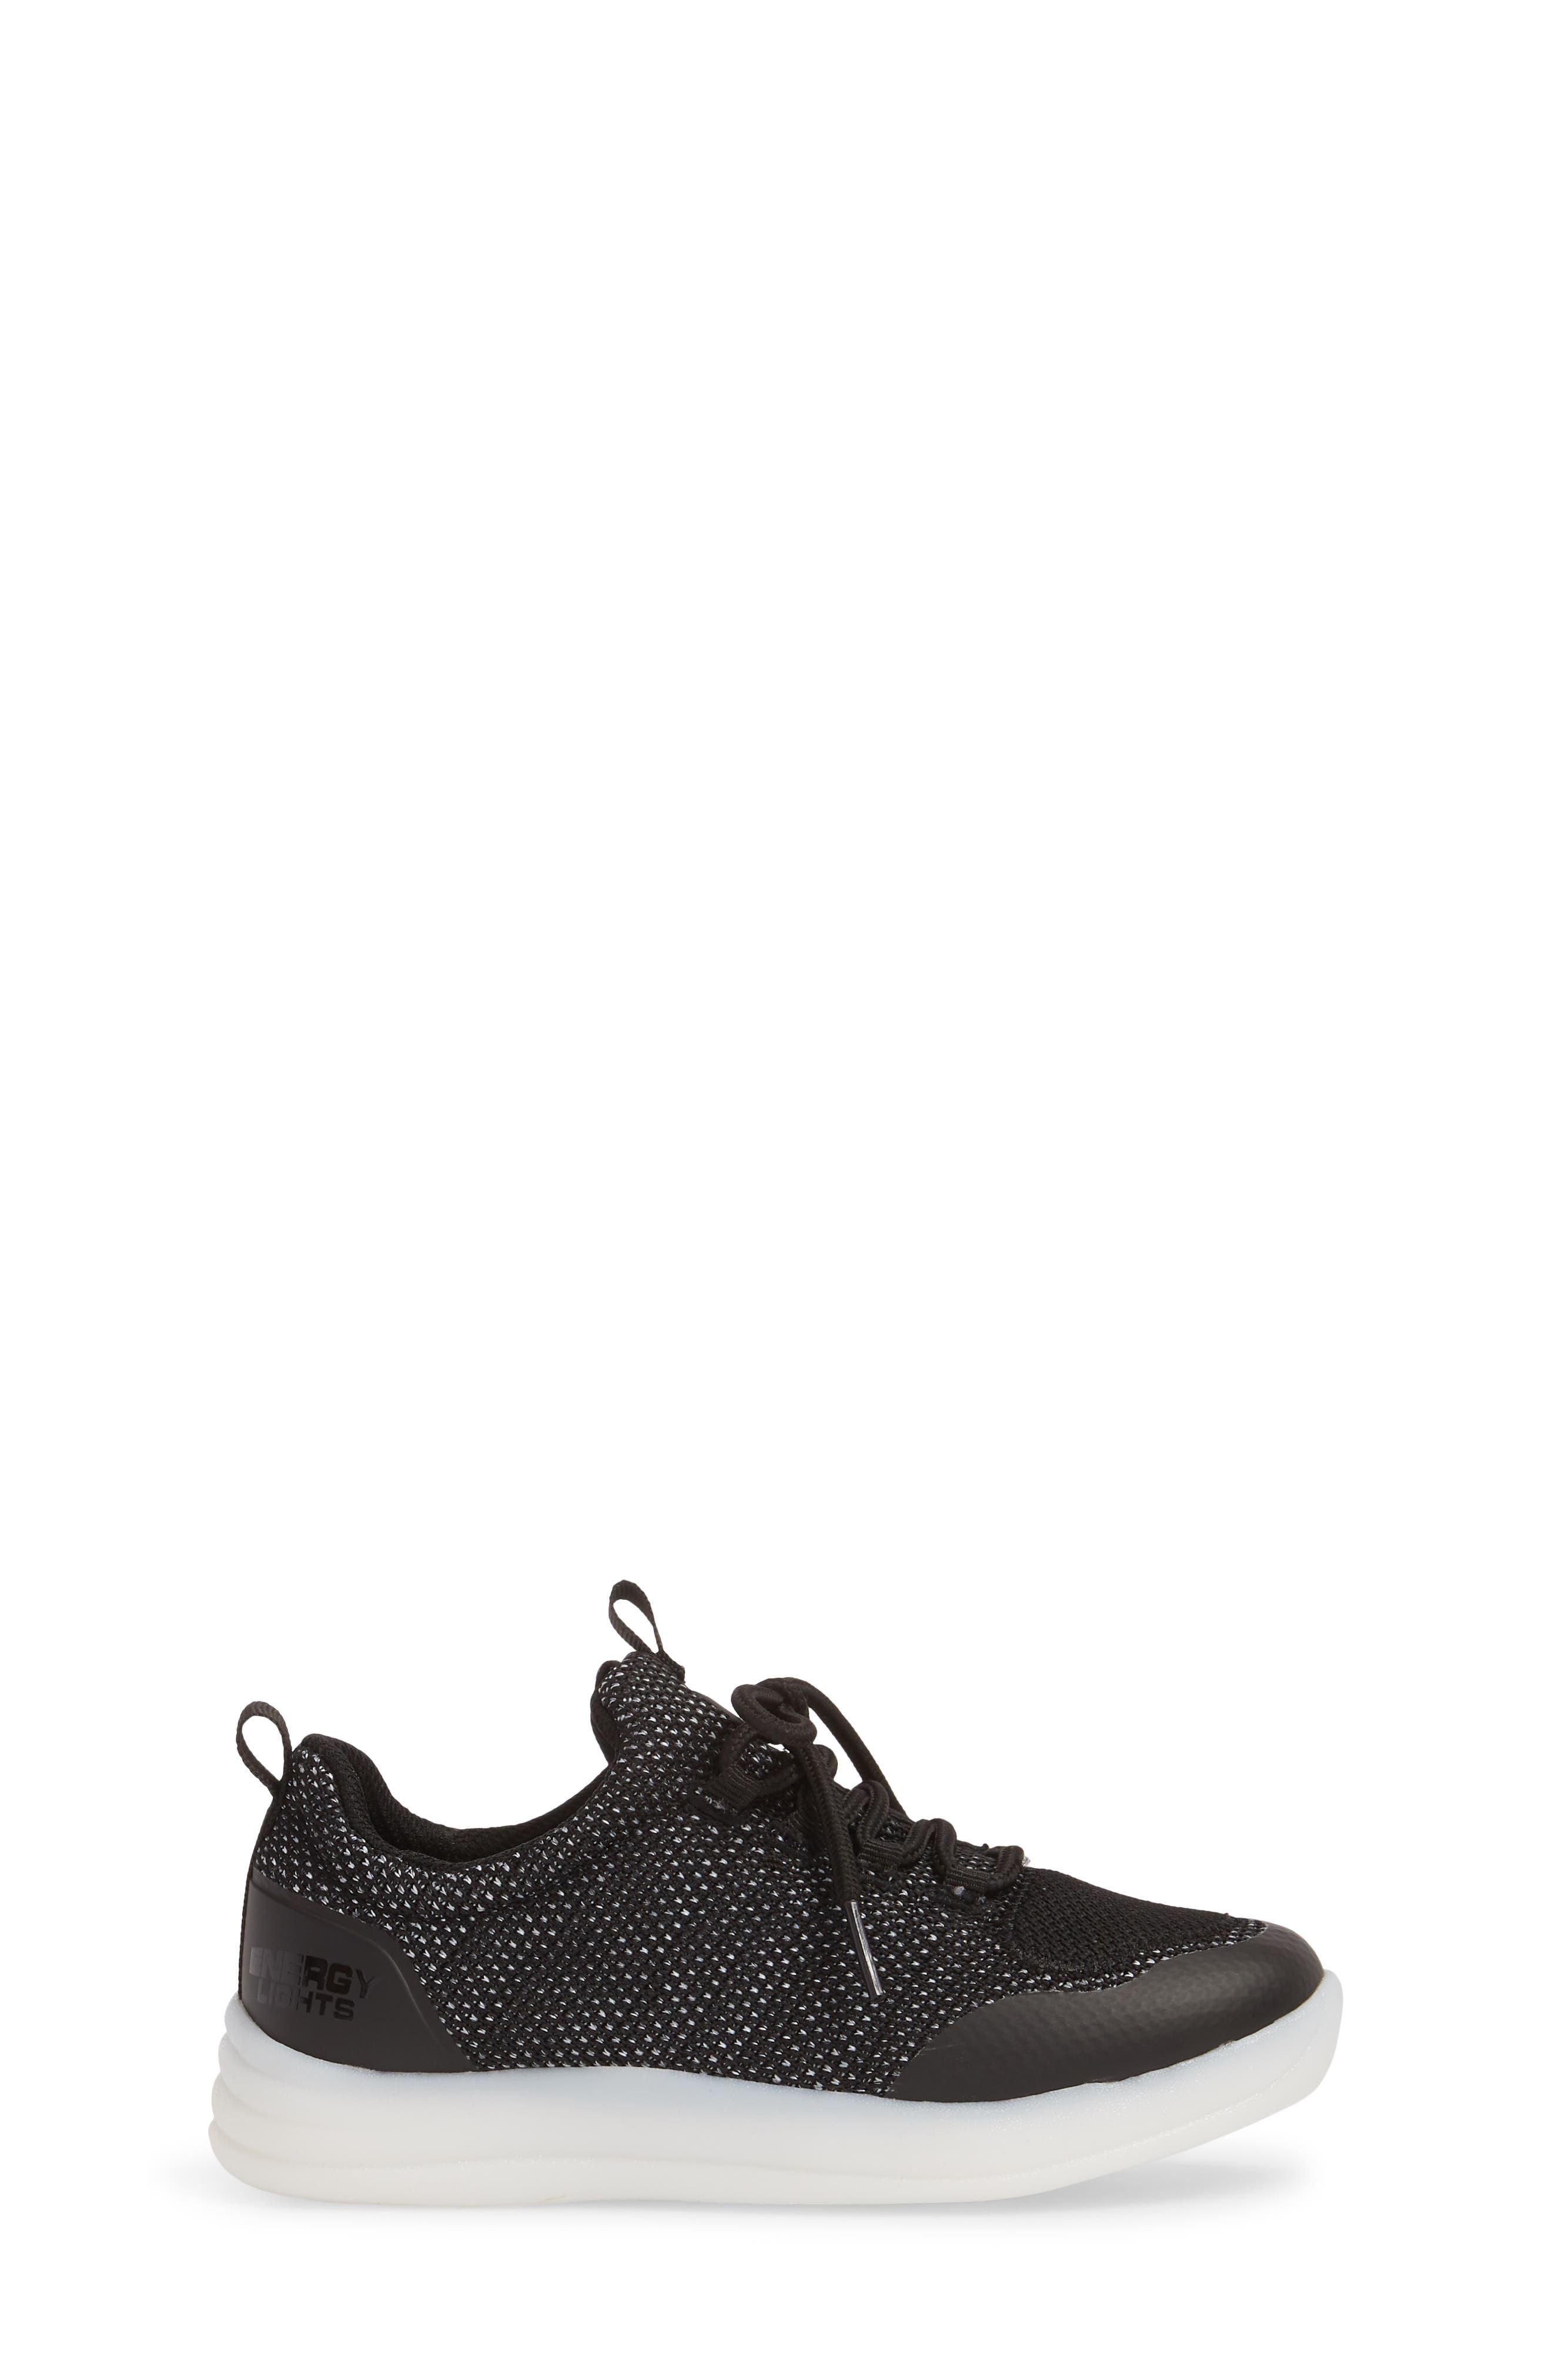 Energy Lights Street Sneaker,                             Alternate thumbnail 3, color,                             Black